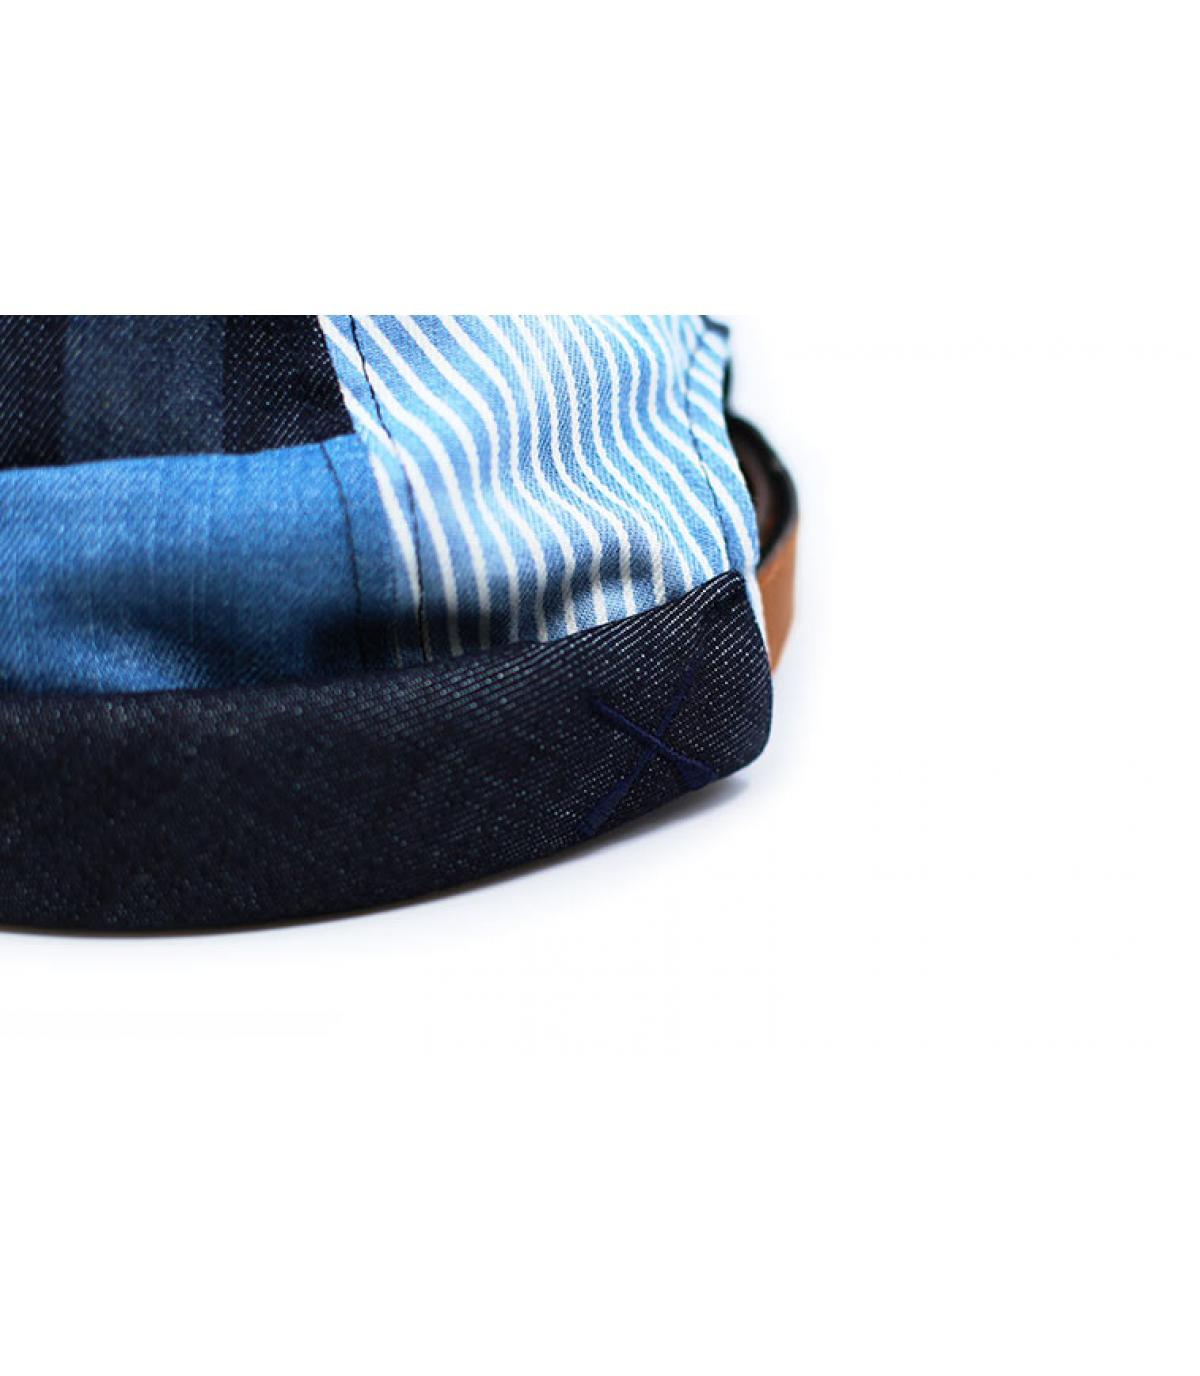 Details Miki Patchwork denim blue - Abbildung 5